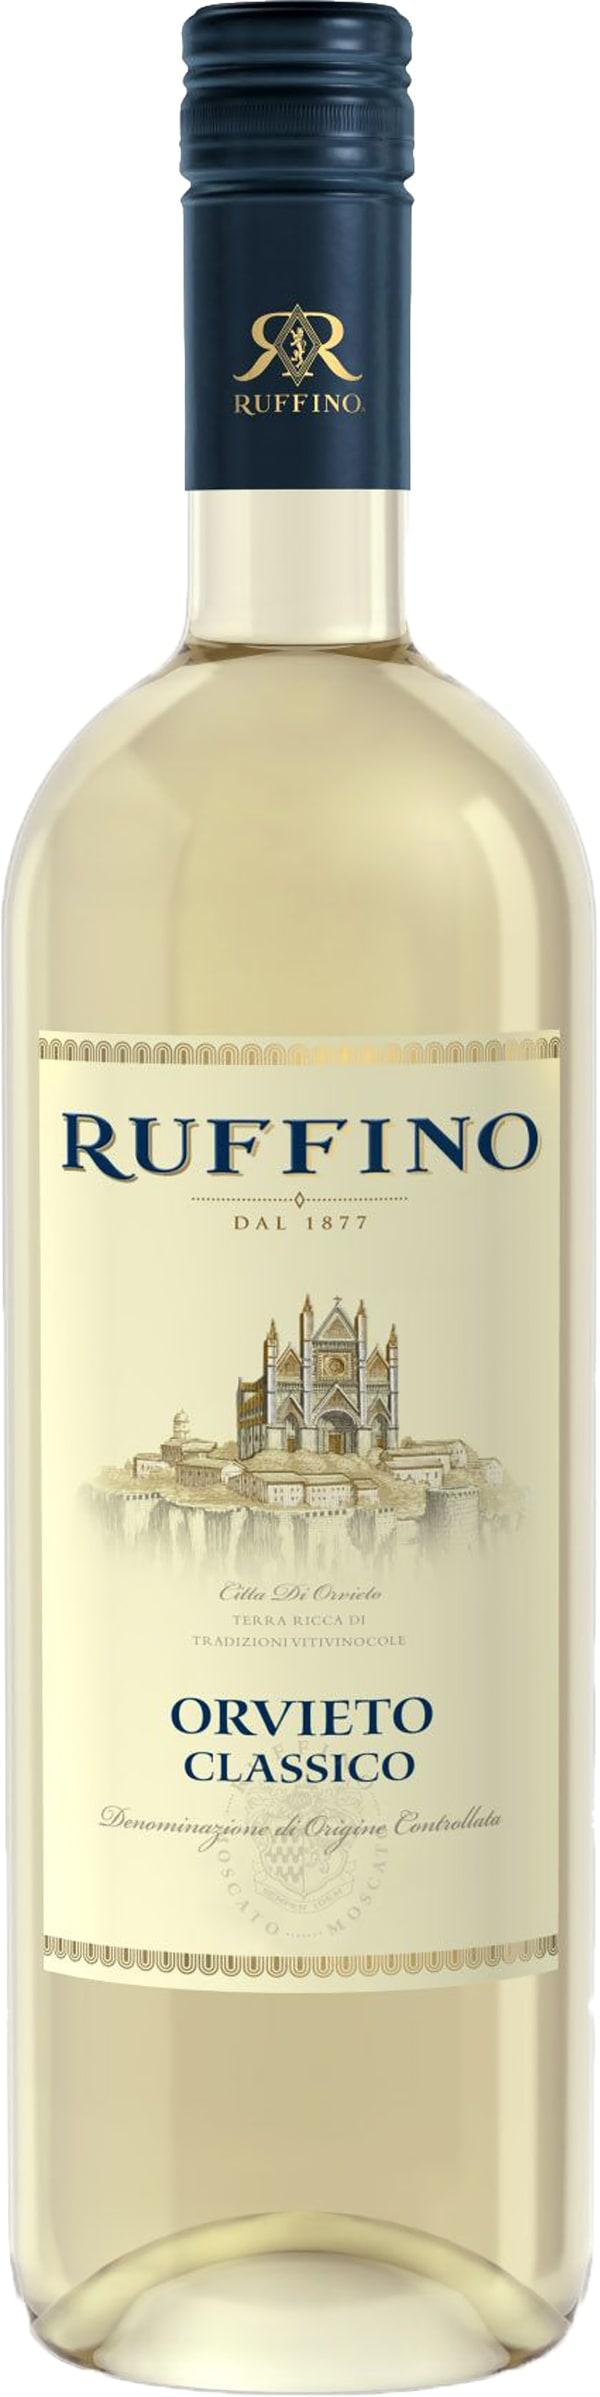 Ruffino Orvieto Classico 2017